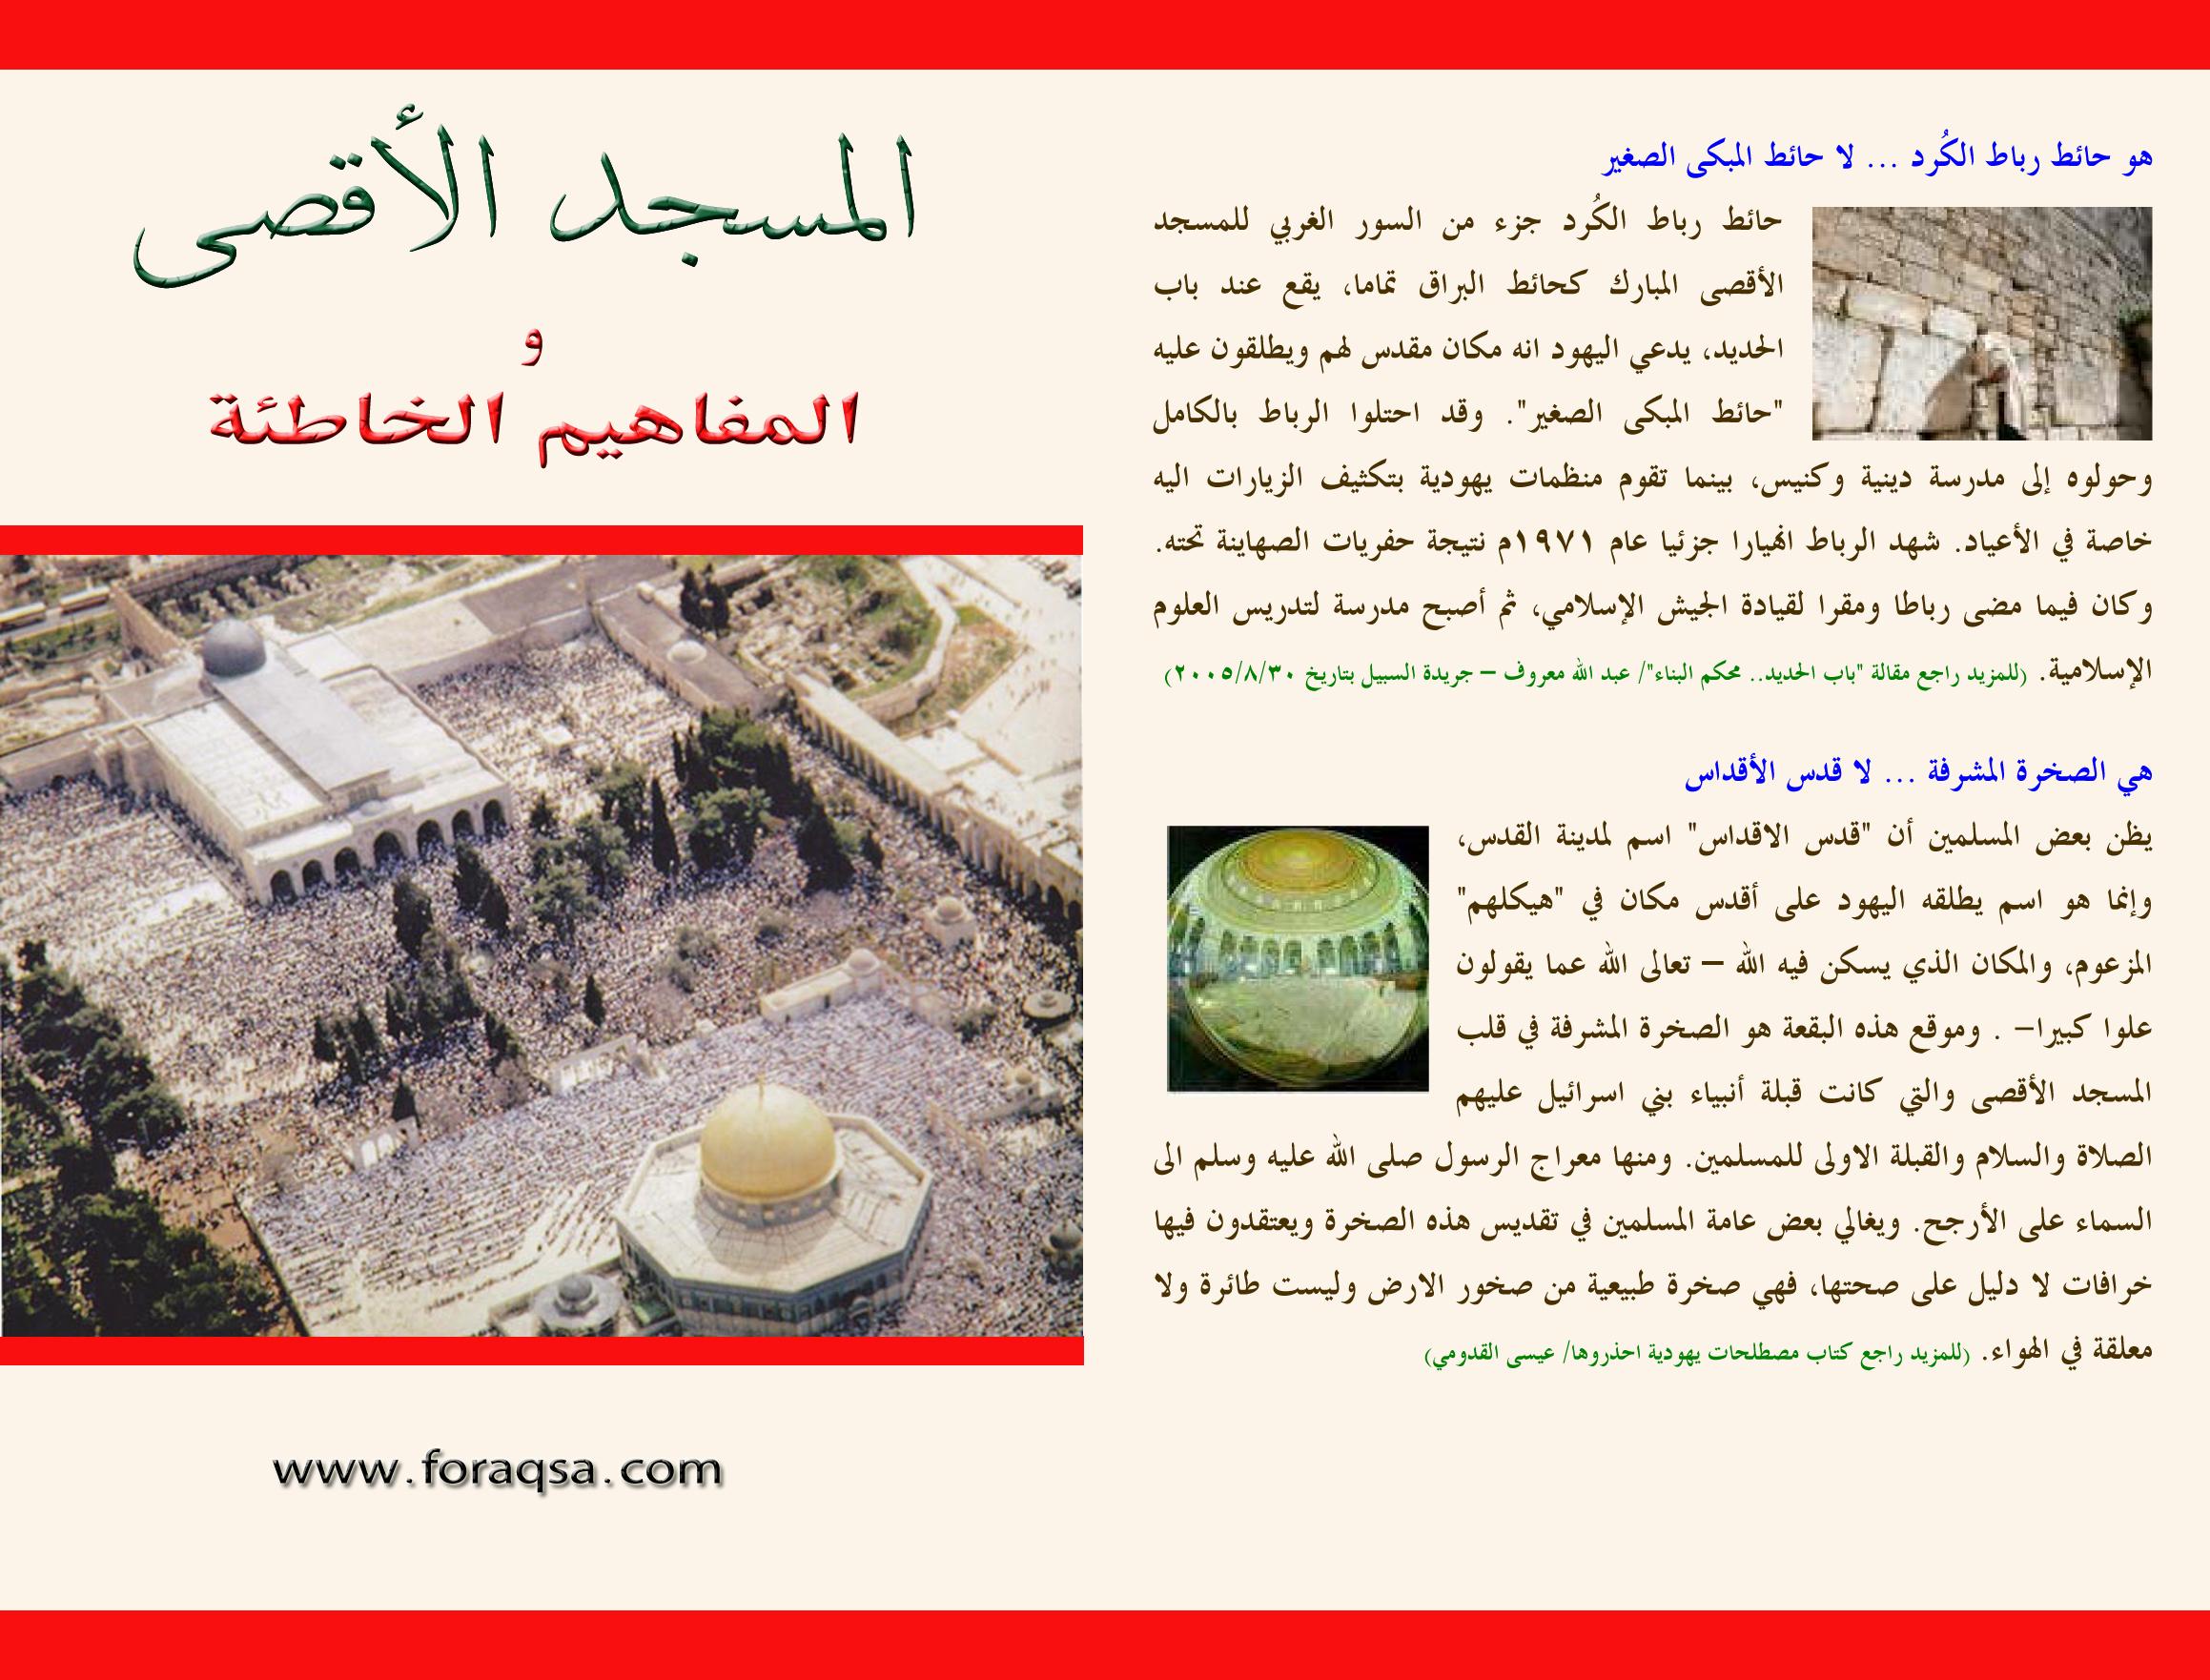 www.foraqsa.com